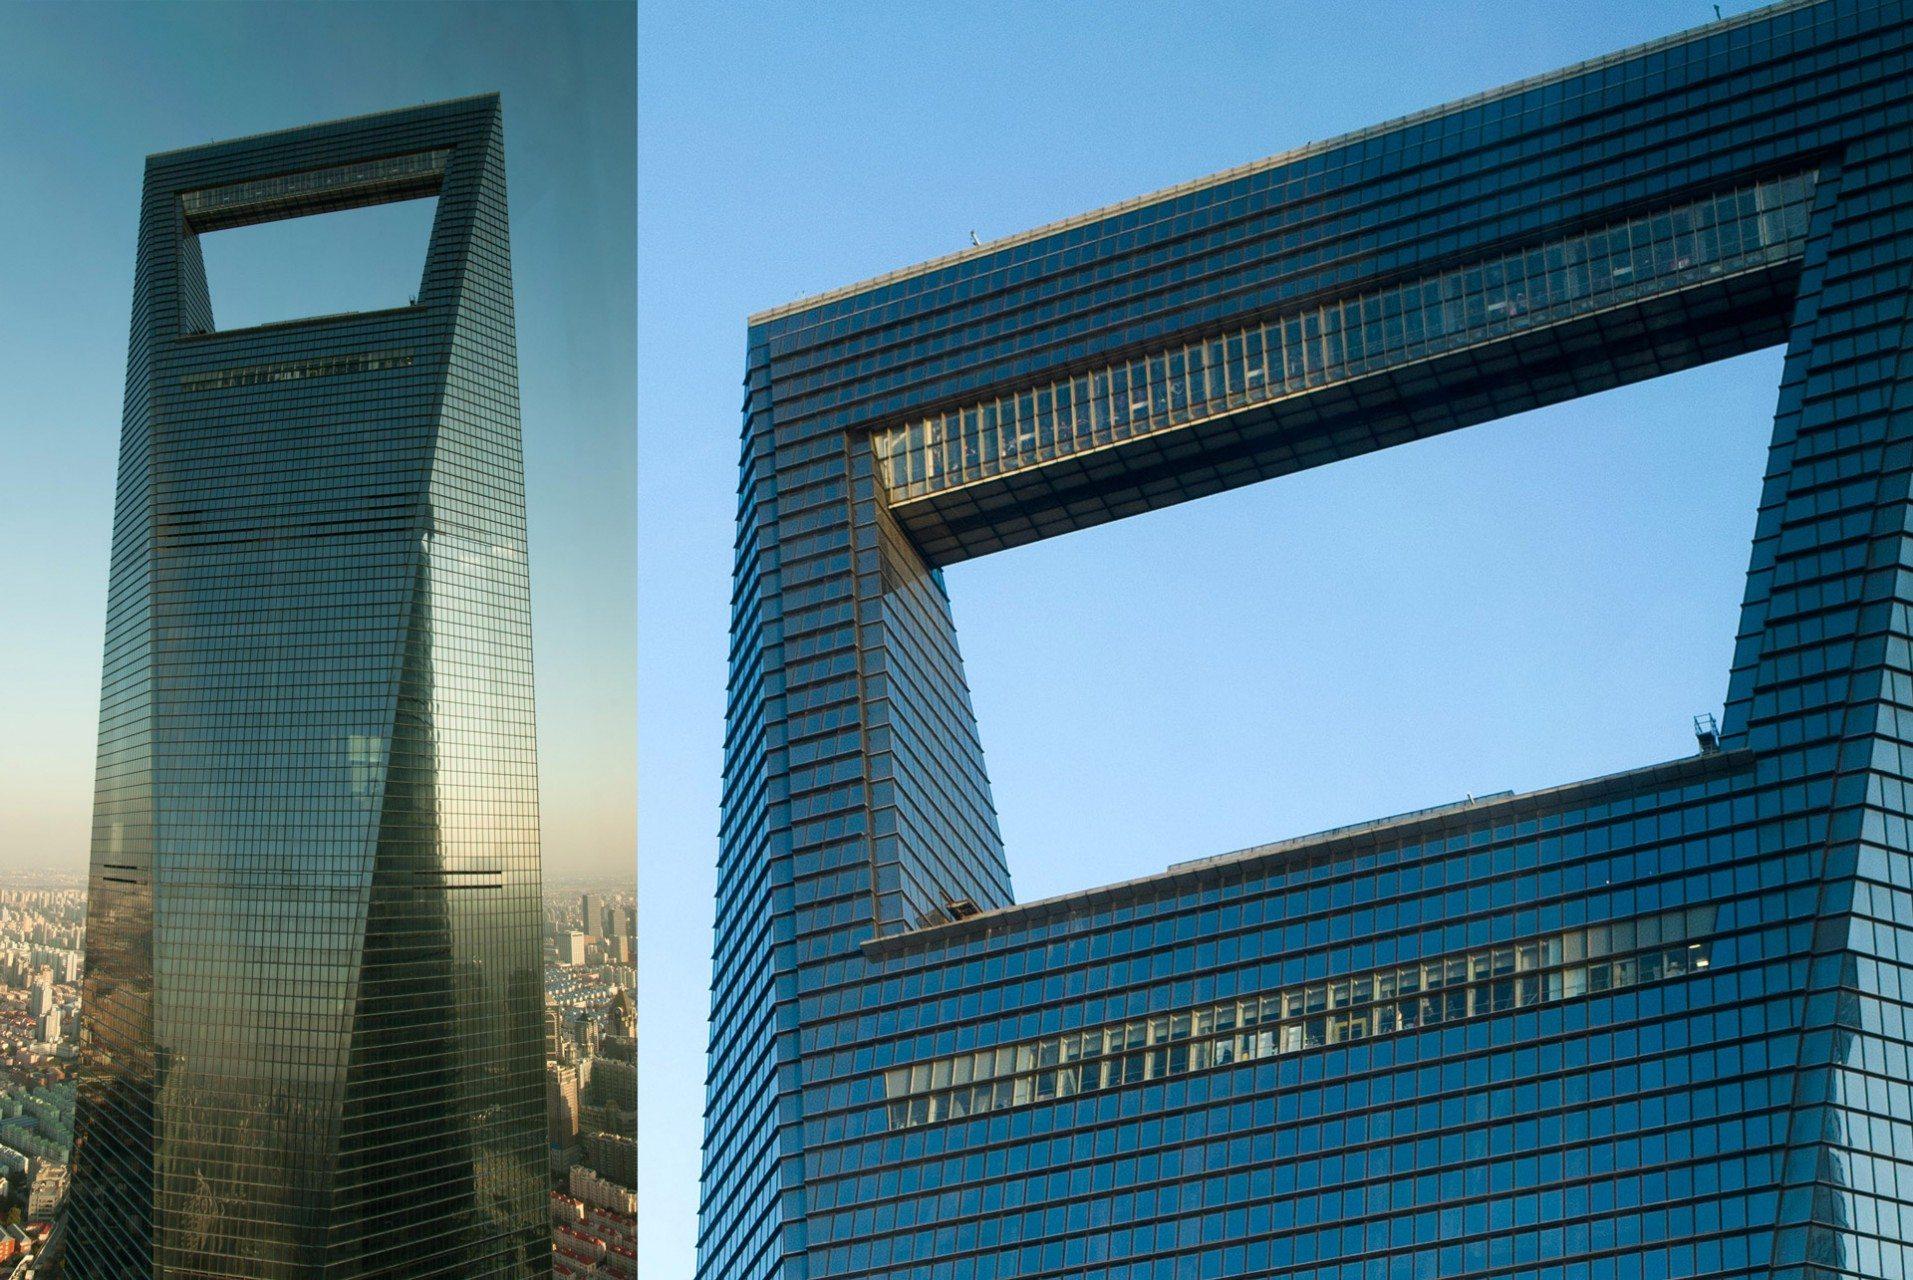 """Shanghai World Financial Center.  2008 – Shanghai, Pudong, Lujiazui. Von Kohn Pedersen Fox. Das Shanghai World Financial Center –oder auch """"Bottle-Opener"""" von vielen genannt – ist bekannt für seine trapezartige Aussparung an der Spitze. In der oberen Besucherplattform hat man die Möglichkeit über eine Glasbrücke zu gehen und von dort aus in die Tiefe zu schauen."""